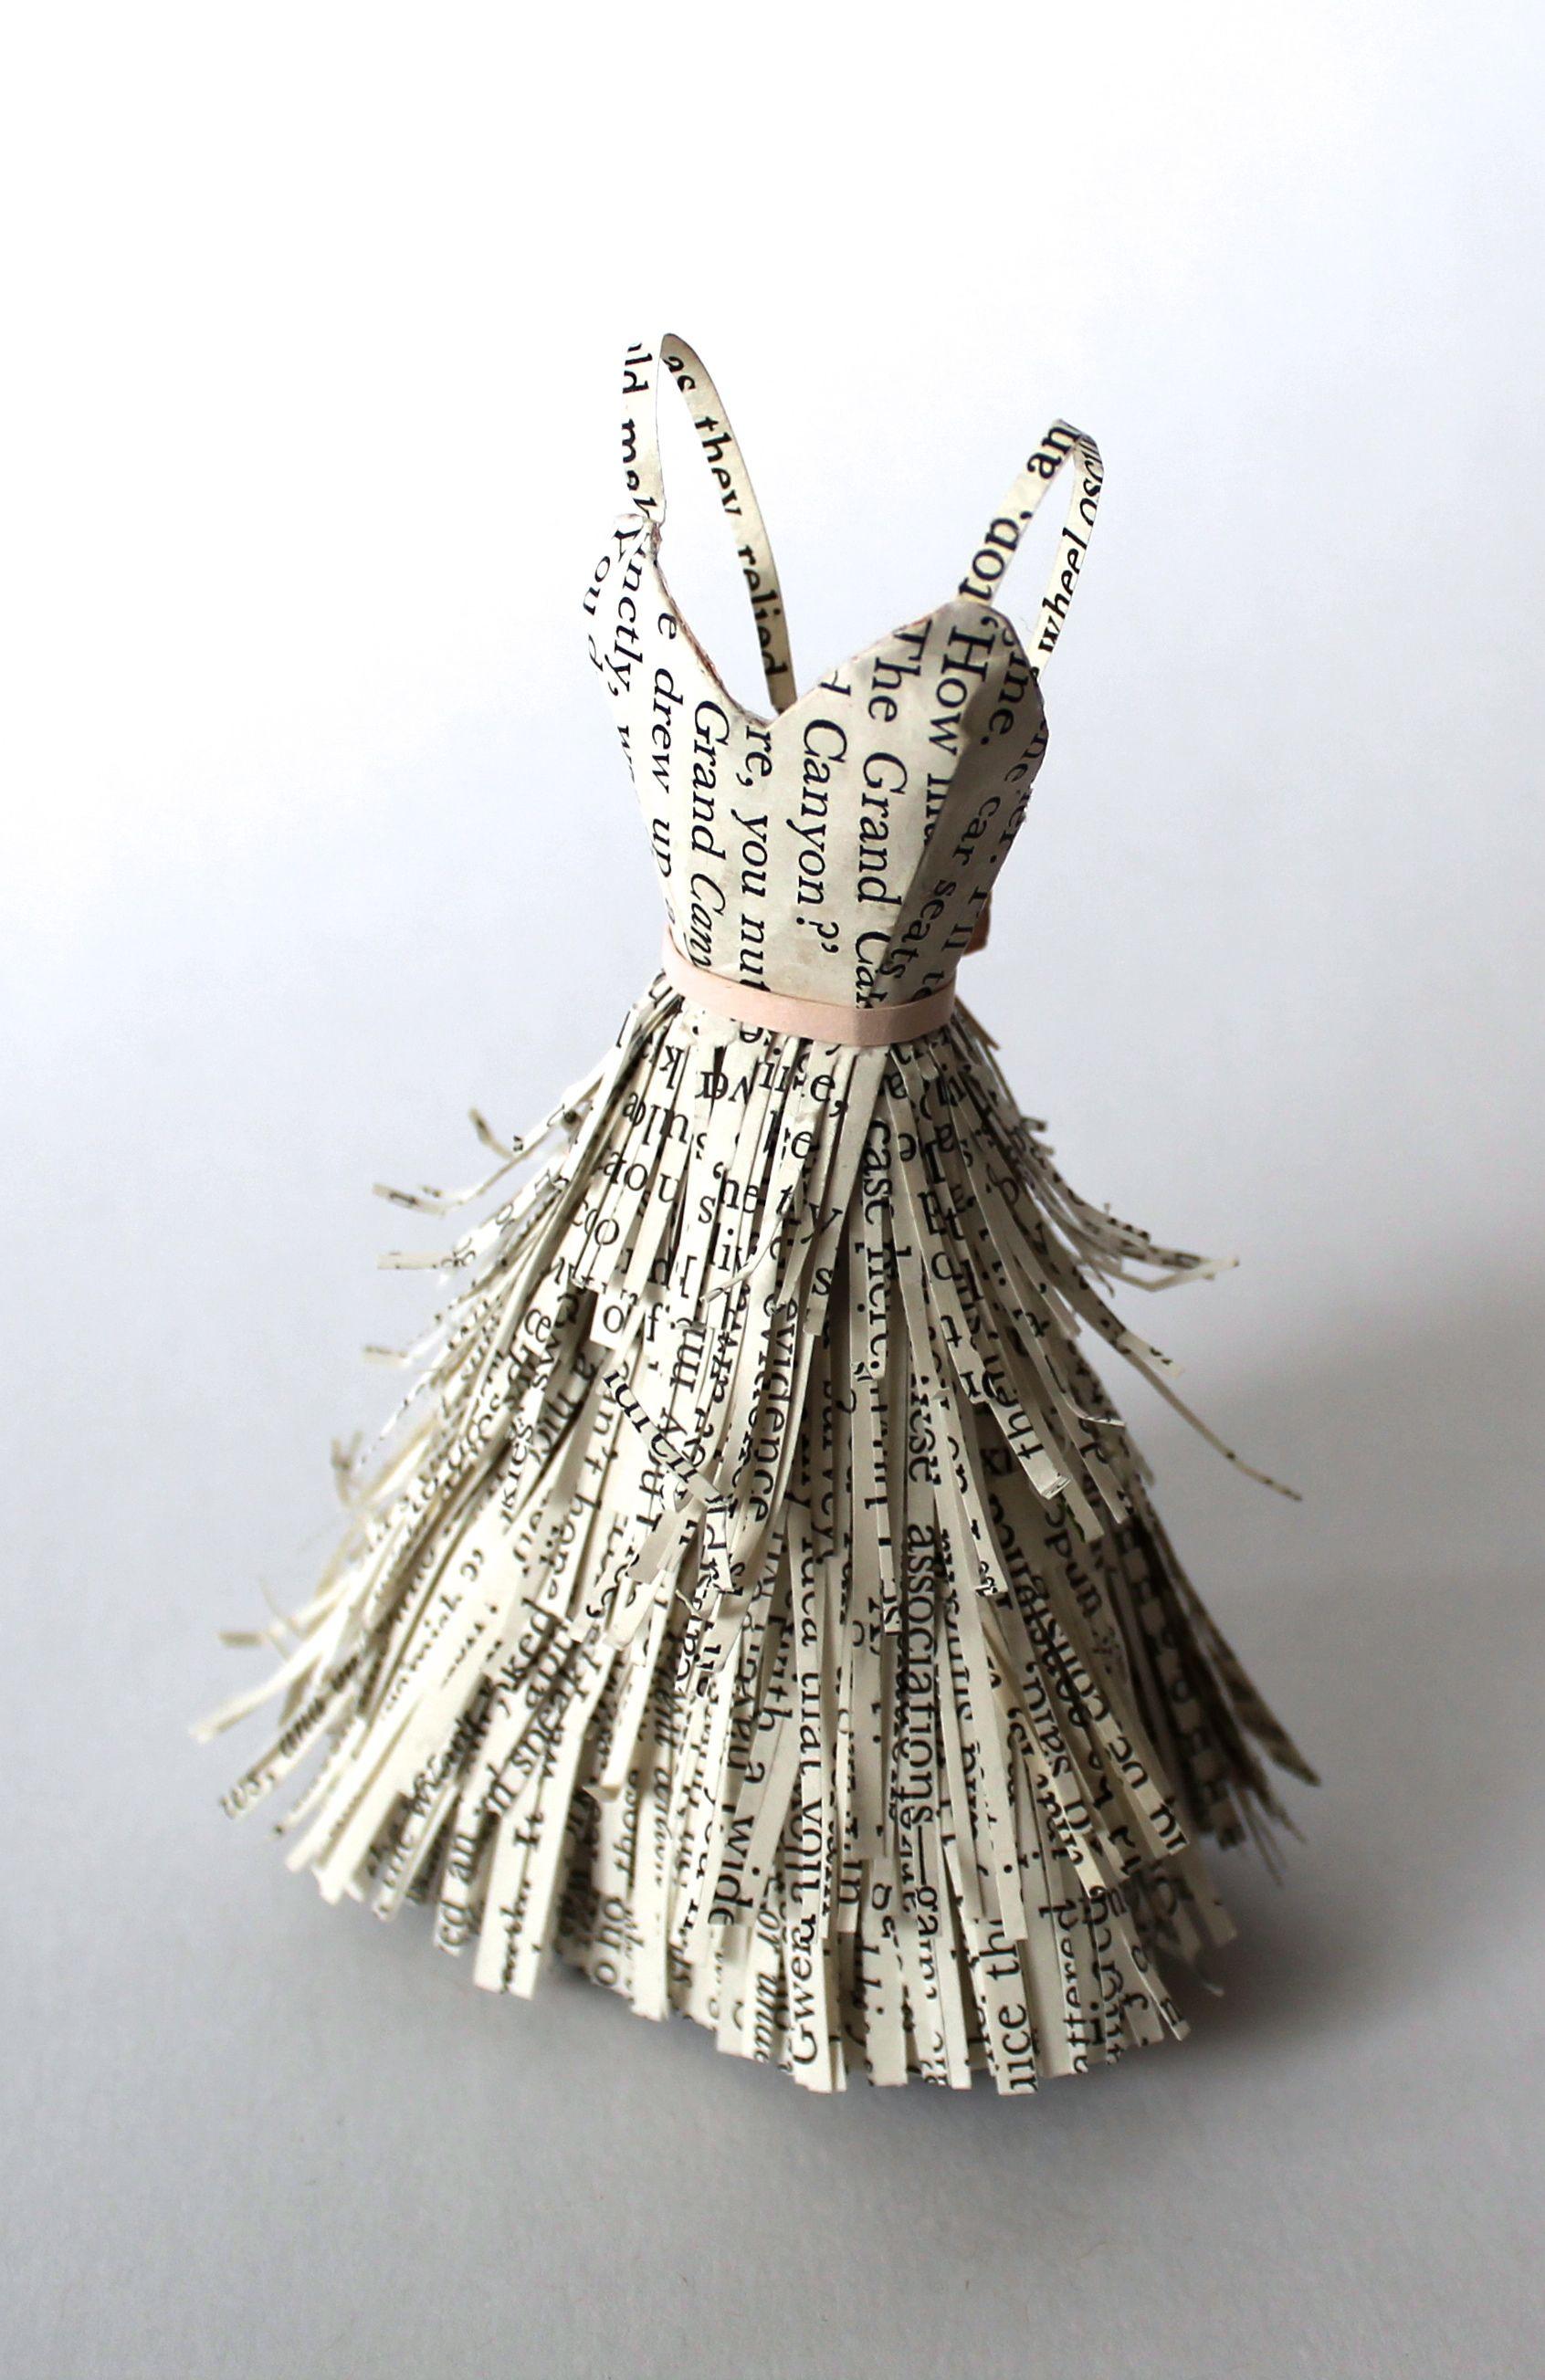 mini paper art dress | Miniature Paper Dress Sculpture « jacquie ...